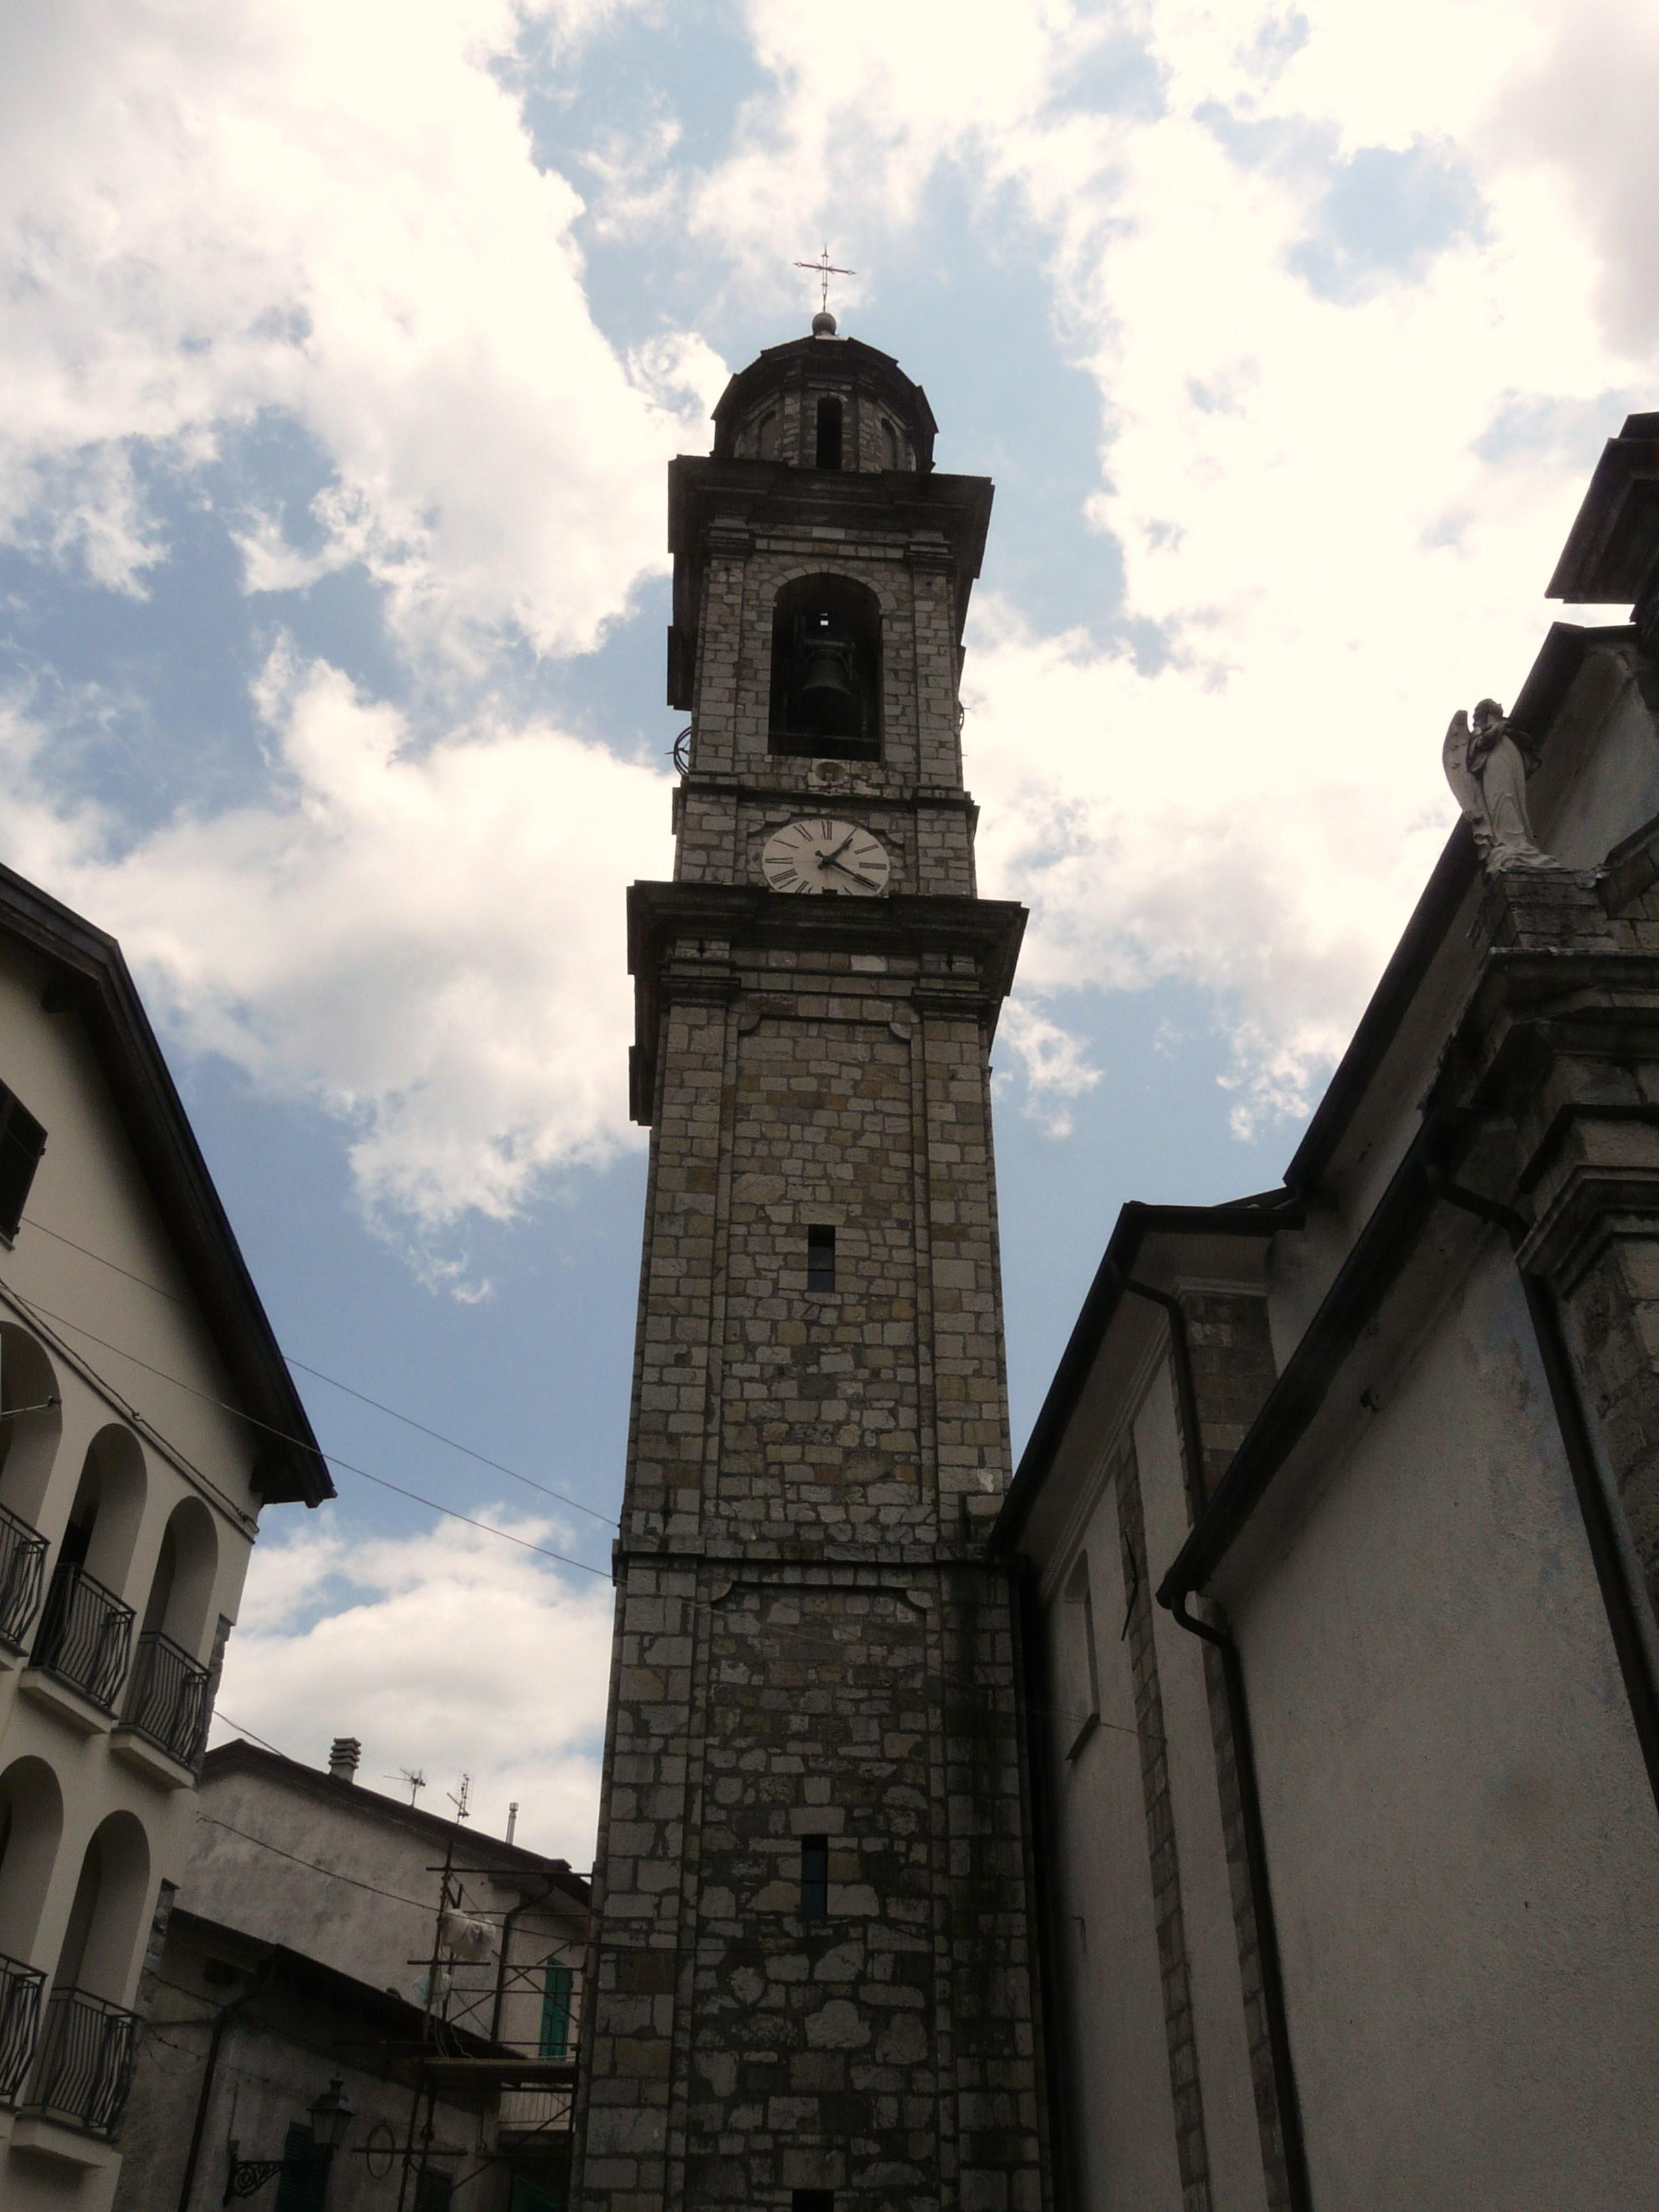 File:Santa Maria del Taro (Tornolo)-chiesa santa maria